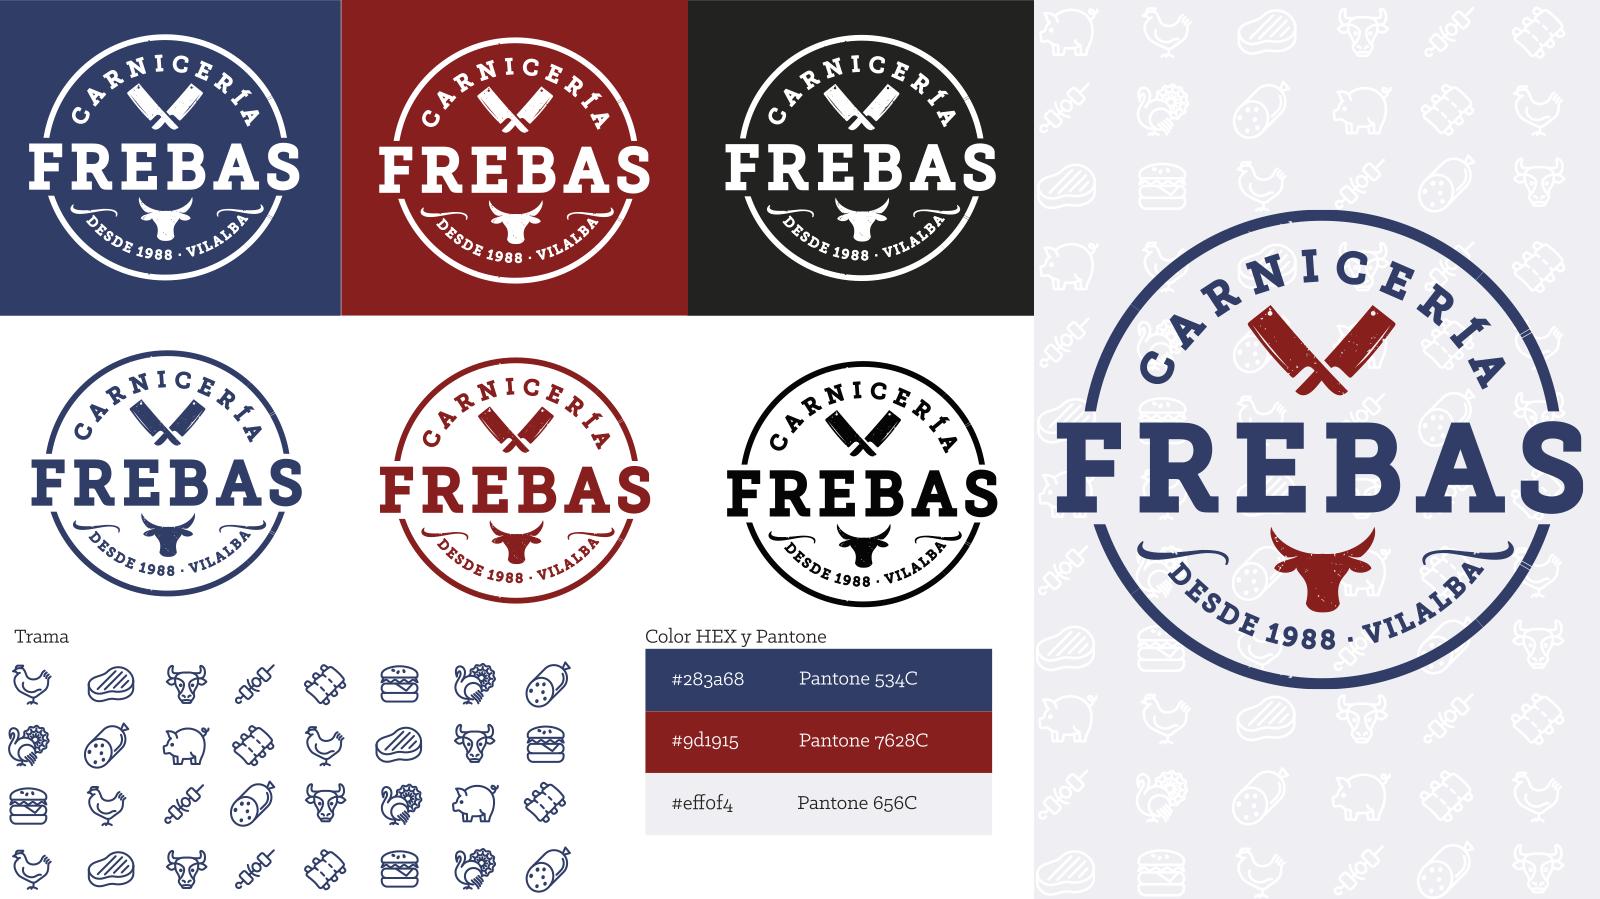 Deseño identidade corporativa Carnicería Frebas